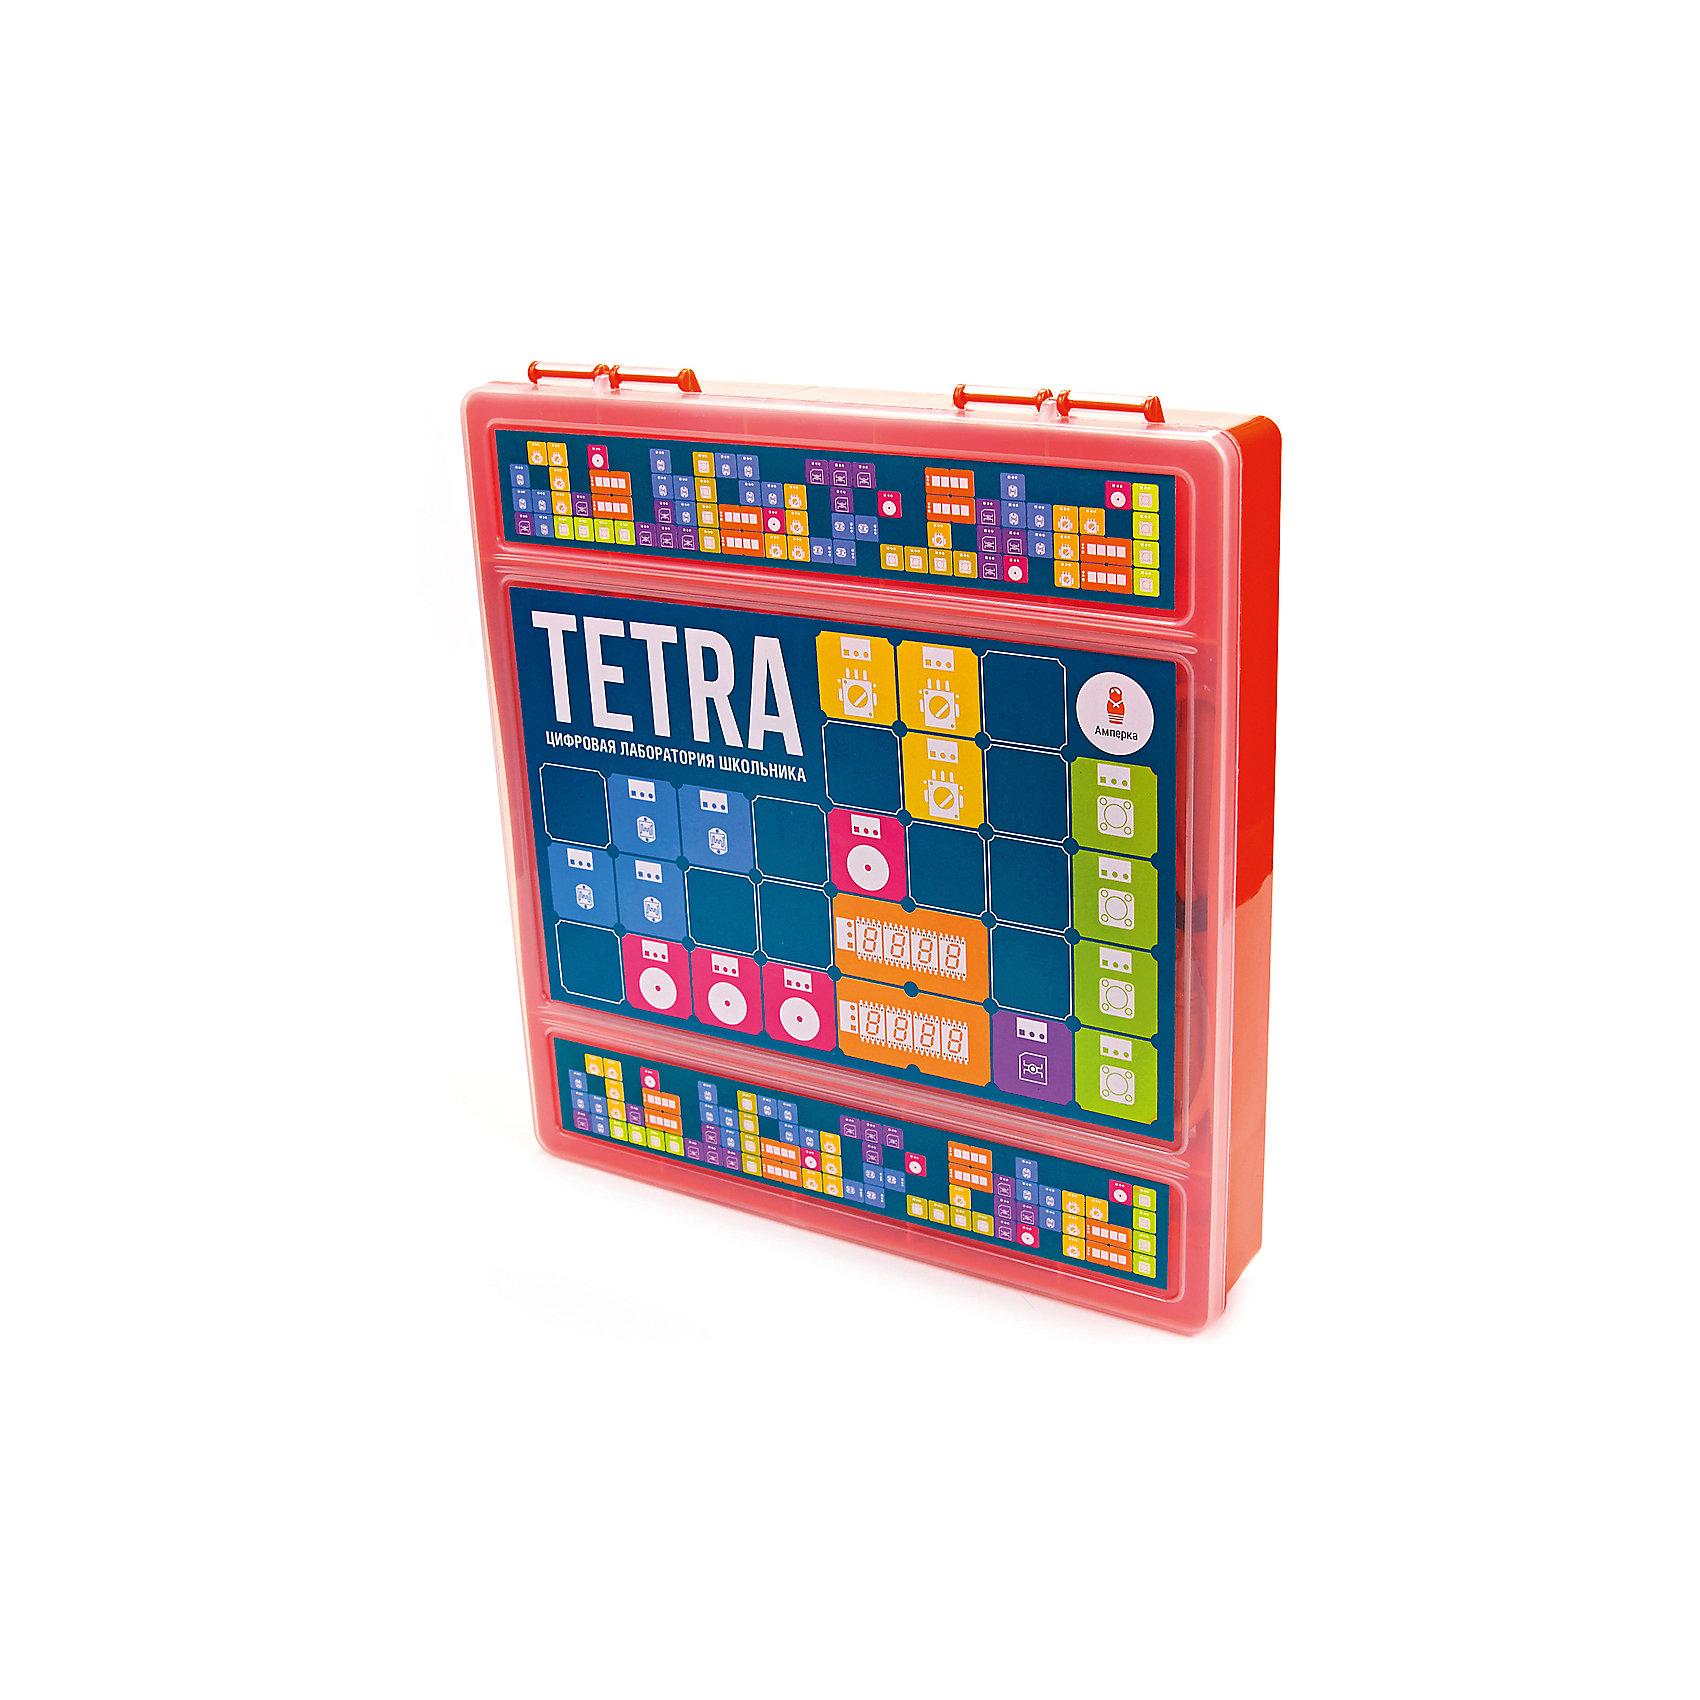 Набор Tetra, АмперкаРобототехника<br>Набор Tetra, Амперка.<br><br>Характеристики:<br><br>• Комплектация: материнская плата Tetra, светодиод красный «Пиранья» (Troyka-модуль) 2 шт, светодиод желтый «Пиранья» (Troyka-модуль) 2 шт, светодиод зеленый «Пиранья» (Troyka-модуль) 2 шт, кнопка (Troyka-модуль) 2 шт, зуммер (Troyka-модуль), аналоговый термометр (Troyka-модуль), датчик освещённости (Troyka-модуль), датчик Холла (Troyka-модуль), ИК-приёмник (Troyka-модуль), потенциометр (Troyka-модуль), микросервопривод FS90, кабель USB (A — B), книга<br>• Упаковка: пластиковая коробка<br>• Размер упаковки: 26х24х15 см.<br><br>Хотите научить ребёнка основам программирования, но понимаете, что скучные книги могут навсегда отбить его интерес к этой теме? Набор «Tetra» — отличное решение для начала увлекательных экспериментов, которые не оставят ребёнка равнодушным и станут первым шагом в освоении этой науки. Набор состоит из материнской платы Tetra, комплекта электронных модулей и книги с экспериментами. Книга в наборе подробно рассказывает, как работать с платой и средой программирования. Эксперименты и программы идут от простых к более сложным. <br><br>Всего в книге — 96 заданий, включая эксперименты для самостоятельного выполнения и идеи для собственных проектов. Желаемое поведение устройства описывают с помощью визуального языка программирования Scratch (Скретч), который специально создан для изучения детьми основ программирования. Плата Tetra — это настоящий маленький компьютер. Можно подключить Tetra к своему компьютеру через обычный USB-кабель, а затем запрограммировать её на выполнение задуманного алгоритма, и тем самым создать собственное электронное устройство.<br><br>Набор Tetra, Амперка можно купить в нашем интернет-магазине.<br><br>Ширина мм: 260<br>Глубина мм: 240<br>Высота мм: 15<br>Вес г: 1609<br>Возраст от месяцев: 168<br>Возраст до месяцев: 108<br>Пол: Унисекс<br>Возраст: Детский<br>SKU: 5427689